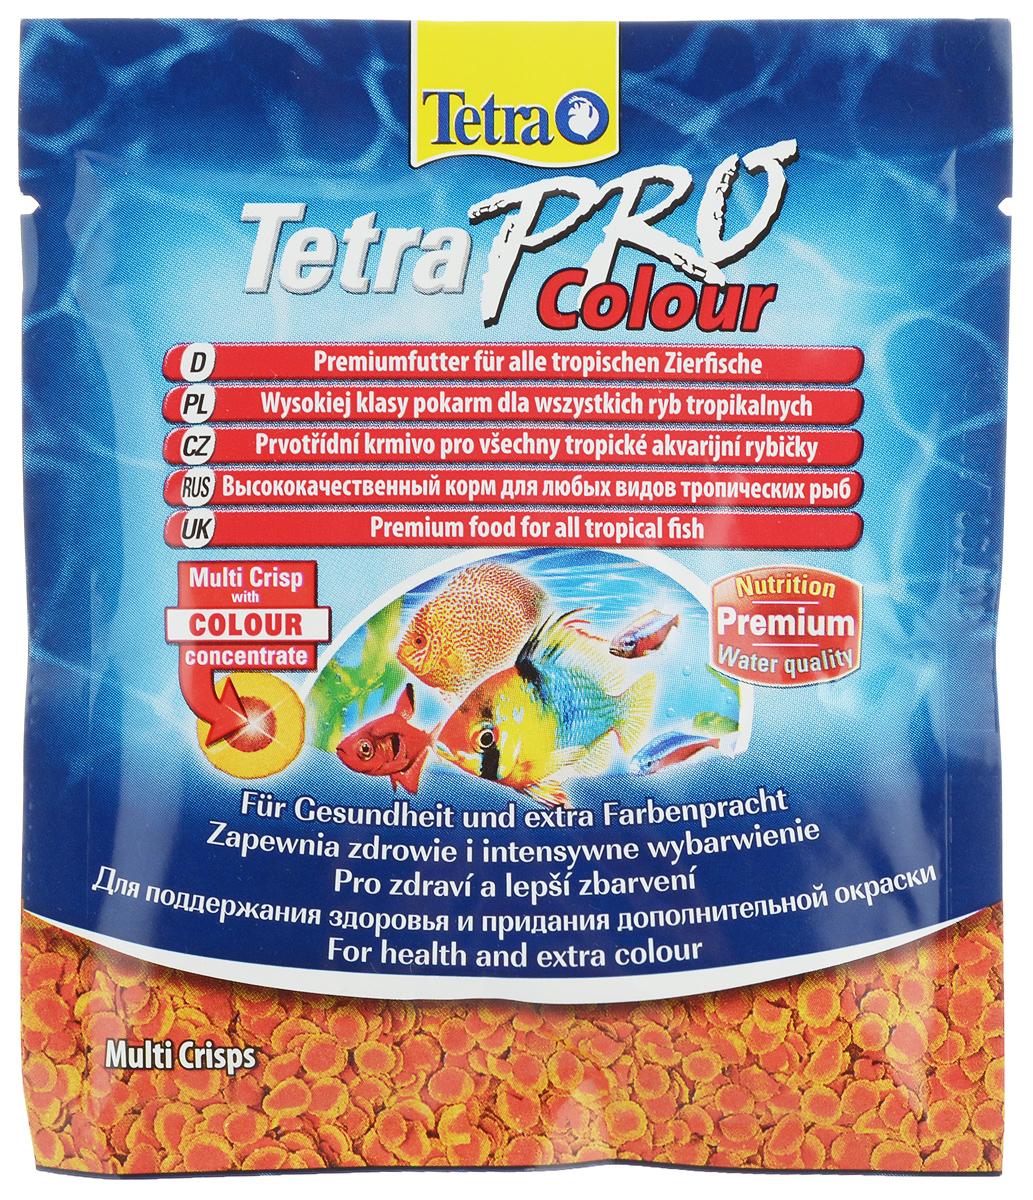 Корм Tetra TetraPro. Color для улучшения окраса всех видов декоративных рыб, чипсы, 12 г корм tetra tetrapro colour crisps premium food for all tropical fish чипсы усиление окраски для всех видов тропических рыб 10л 140516